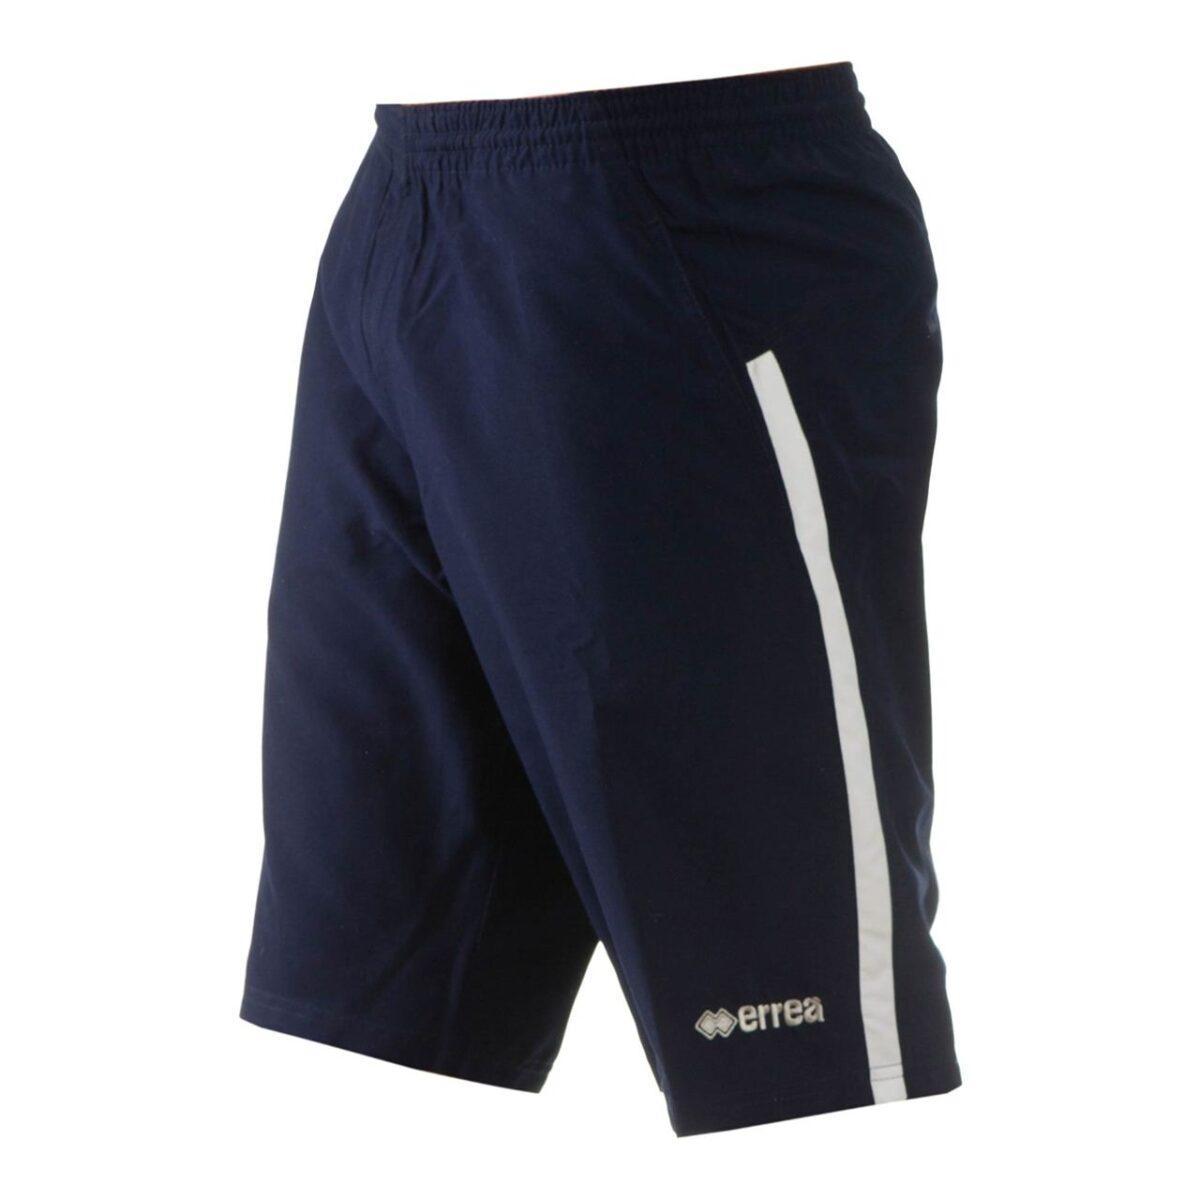 Errea Lizard Bermuda Shorts  D2600